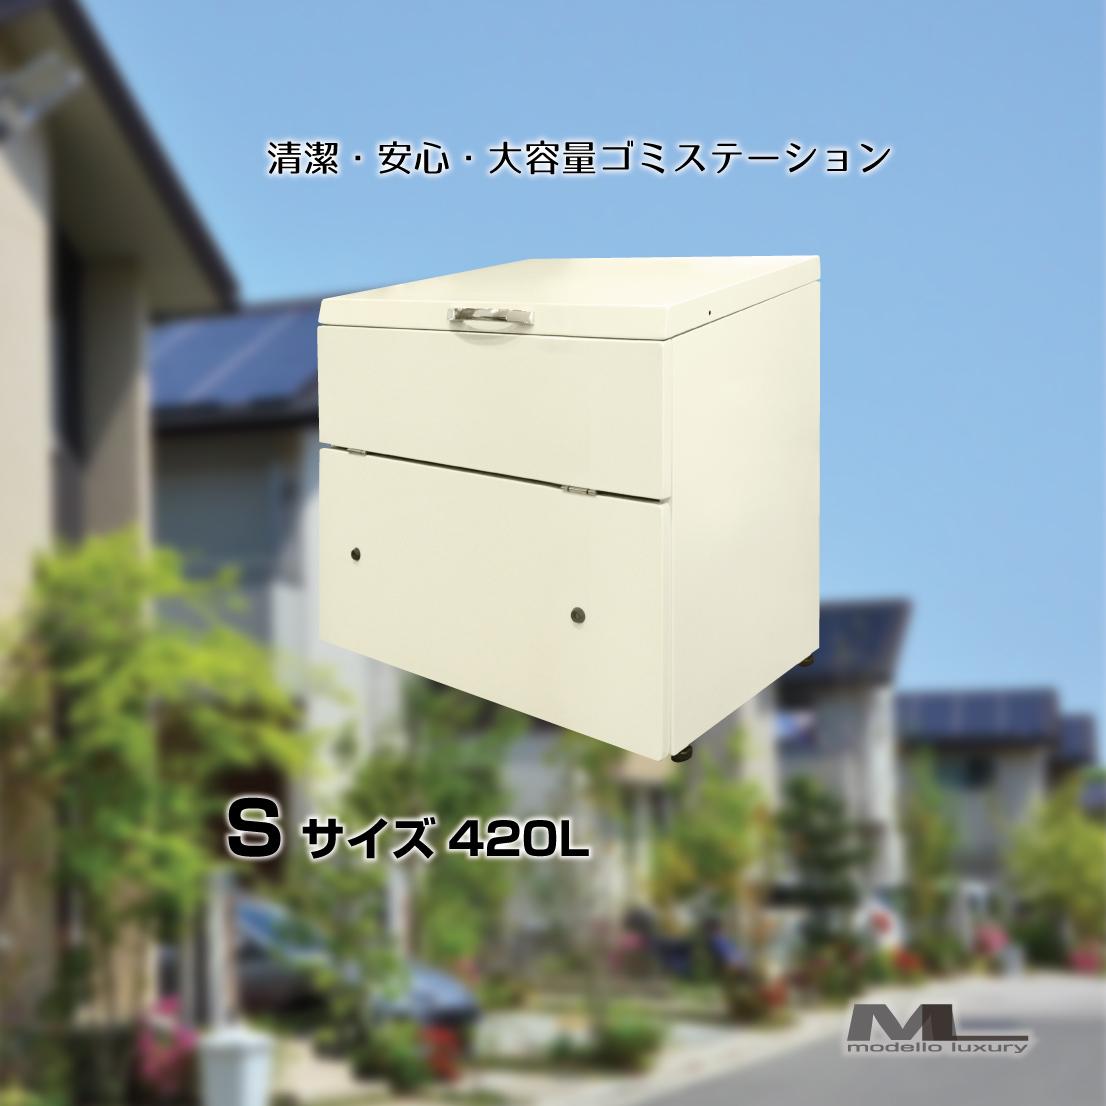 集積所 ストッカー ダストボックス 交換無料 丈夫 Sサイズ ゴミステーション サイズを選べる組立式送料無料 頑丈 日時指定